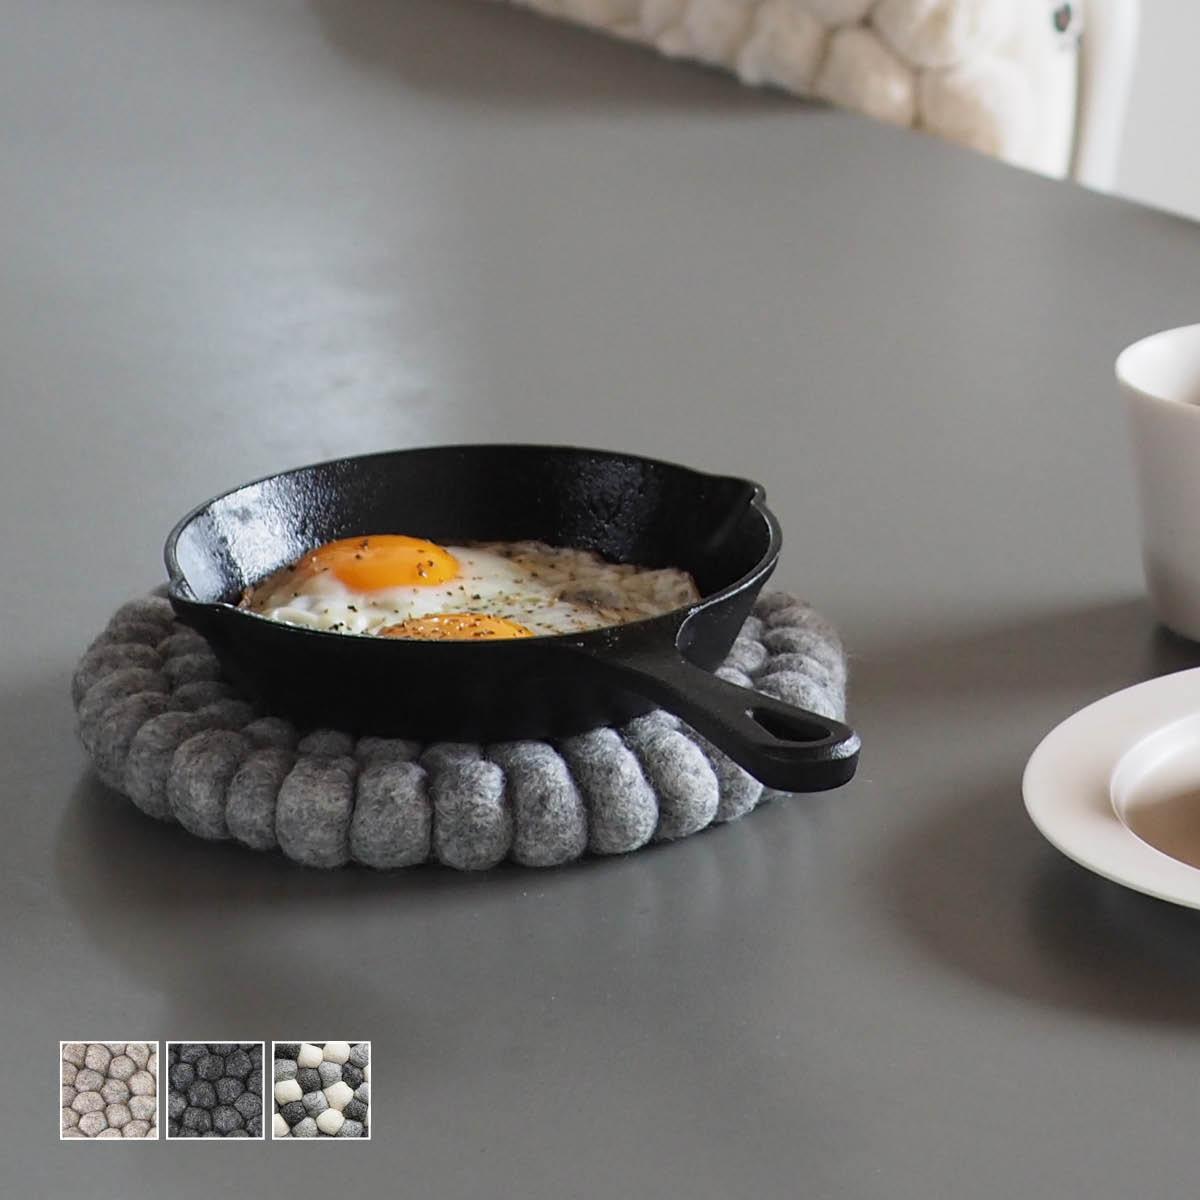 品質検査済 ニュージーランドウール100%のフェルトボールを繋いで作ったシンプルで可愛い鍋敷き トリベット プレイスマットとしても b2cフェルト 鍋敷き 丸型 おしゃれ かわいい フェルトボール b2c キッチン#SL_KT 大特価 シンプル ウール